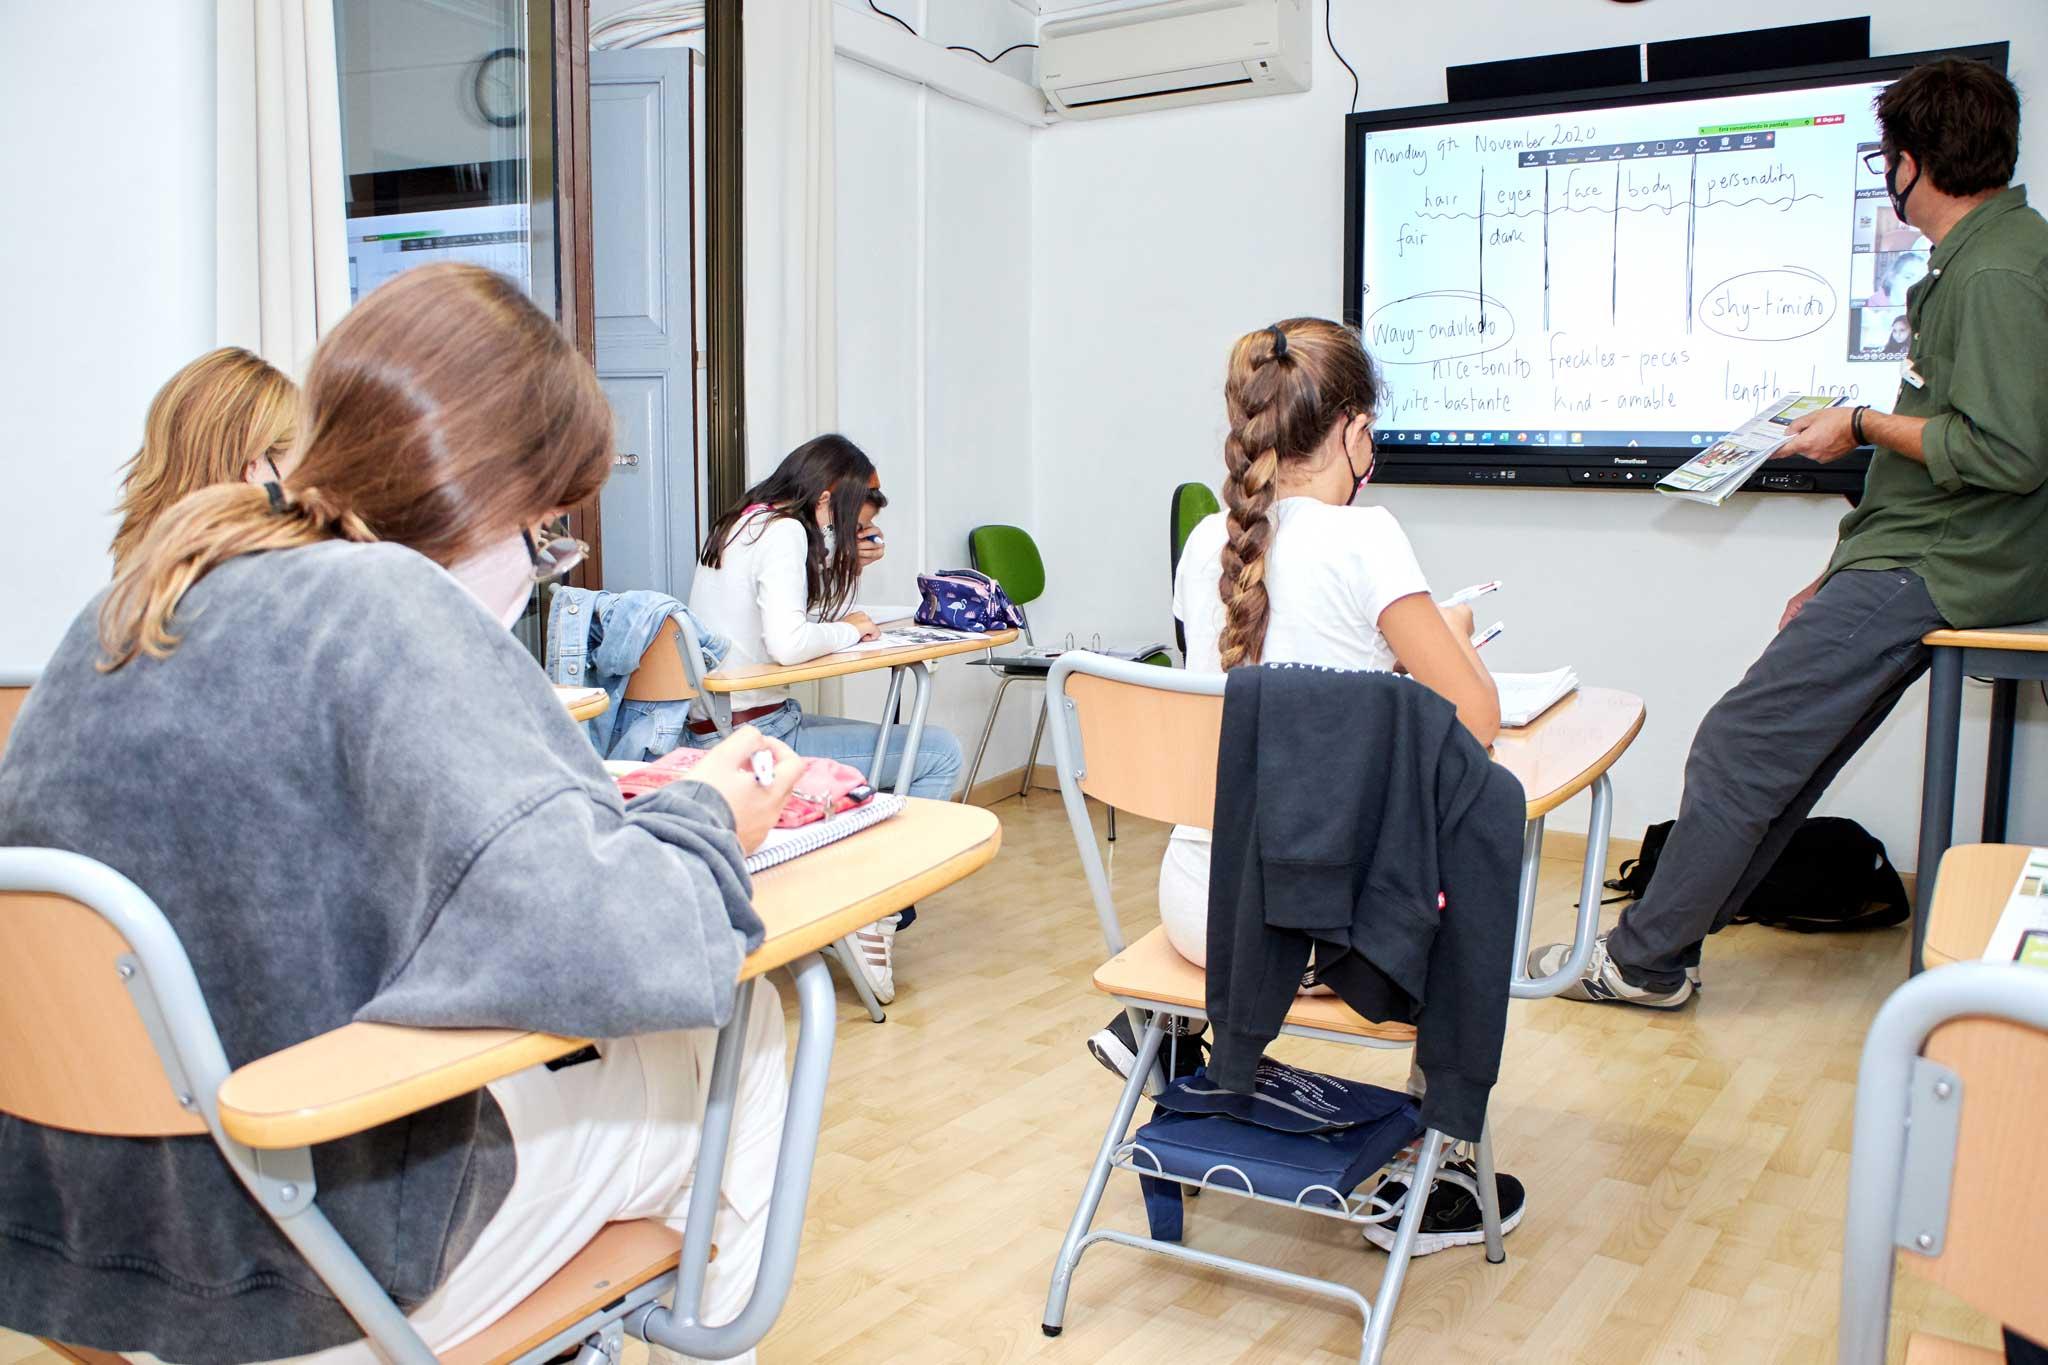 Escuela idiomas Denia – The English Institute